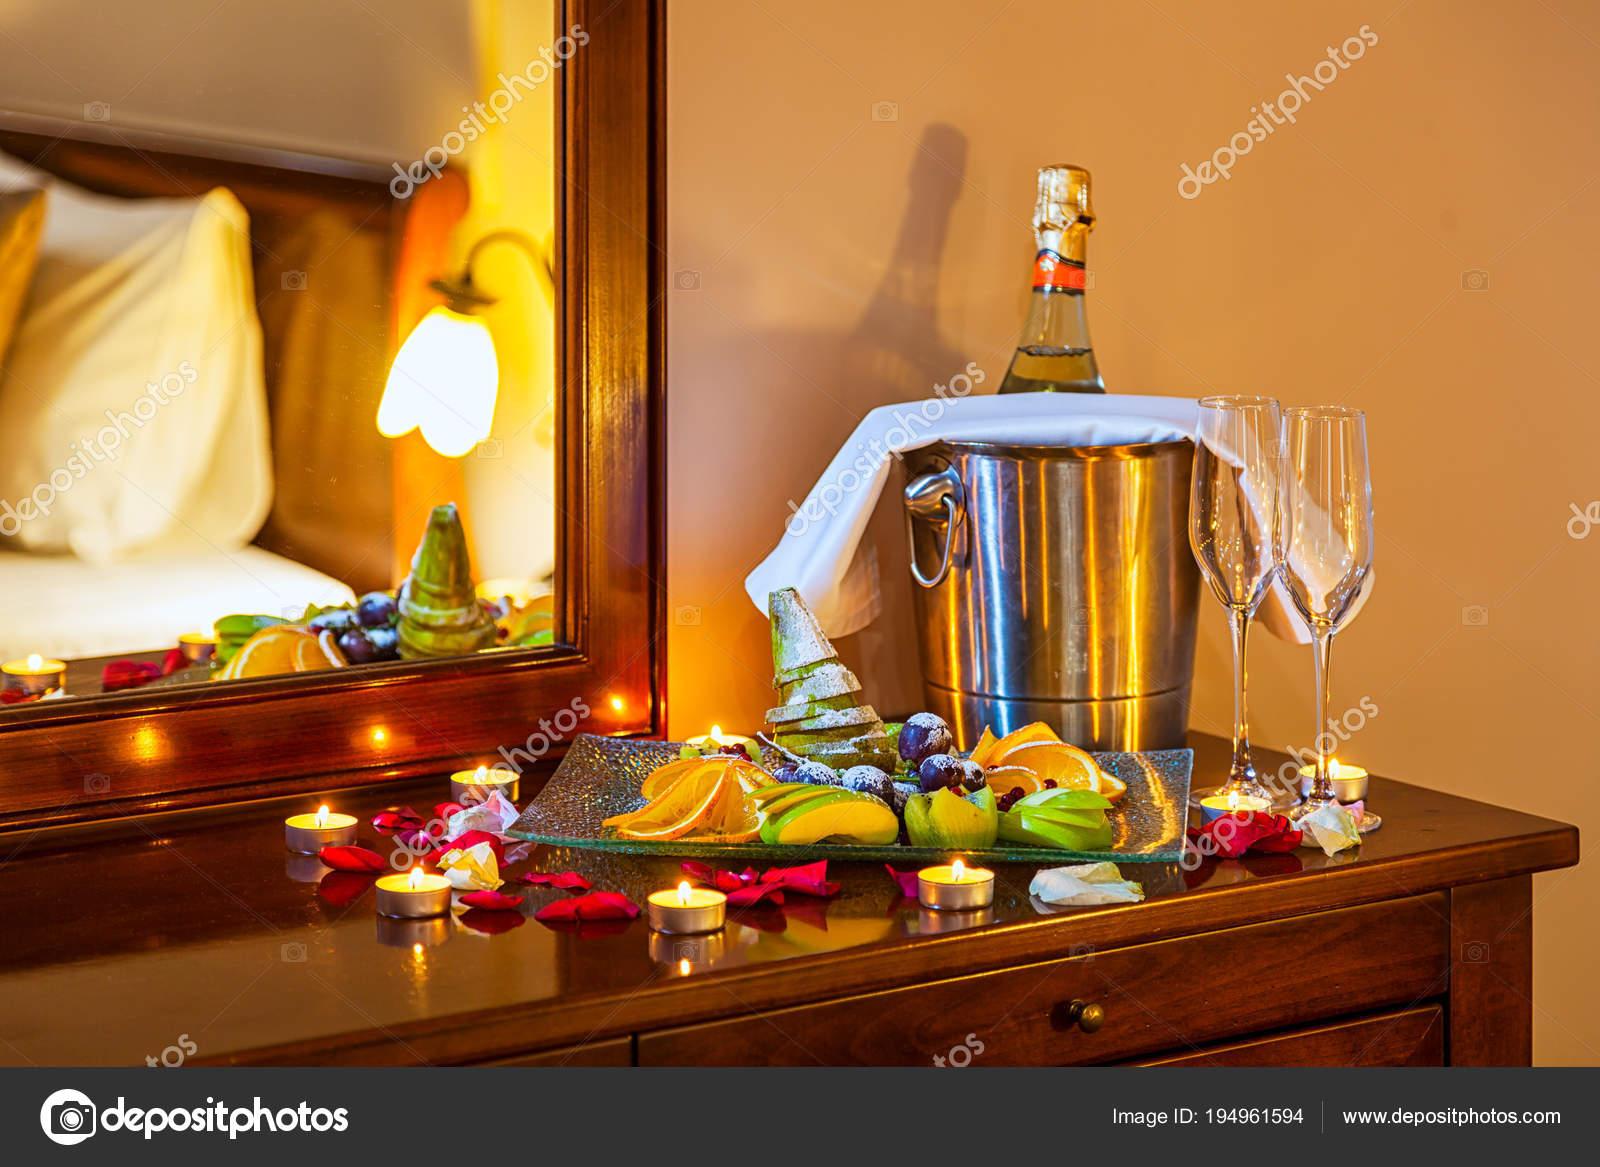 Camere Da Letto Romantiche Con Petali Di Rosa : Cena romantica gli amanti tavolo con piatto frutta bicchieri